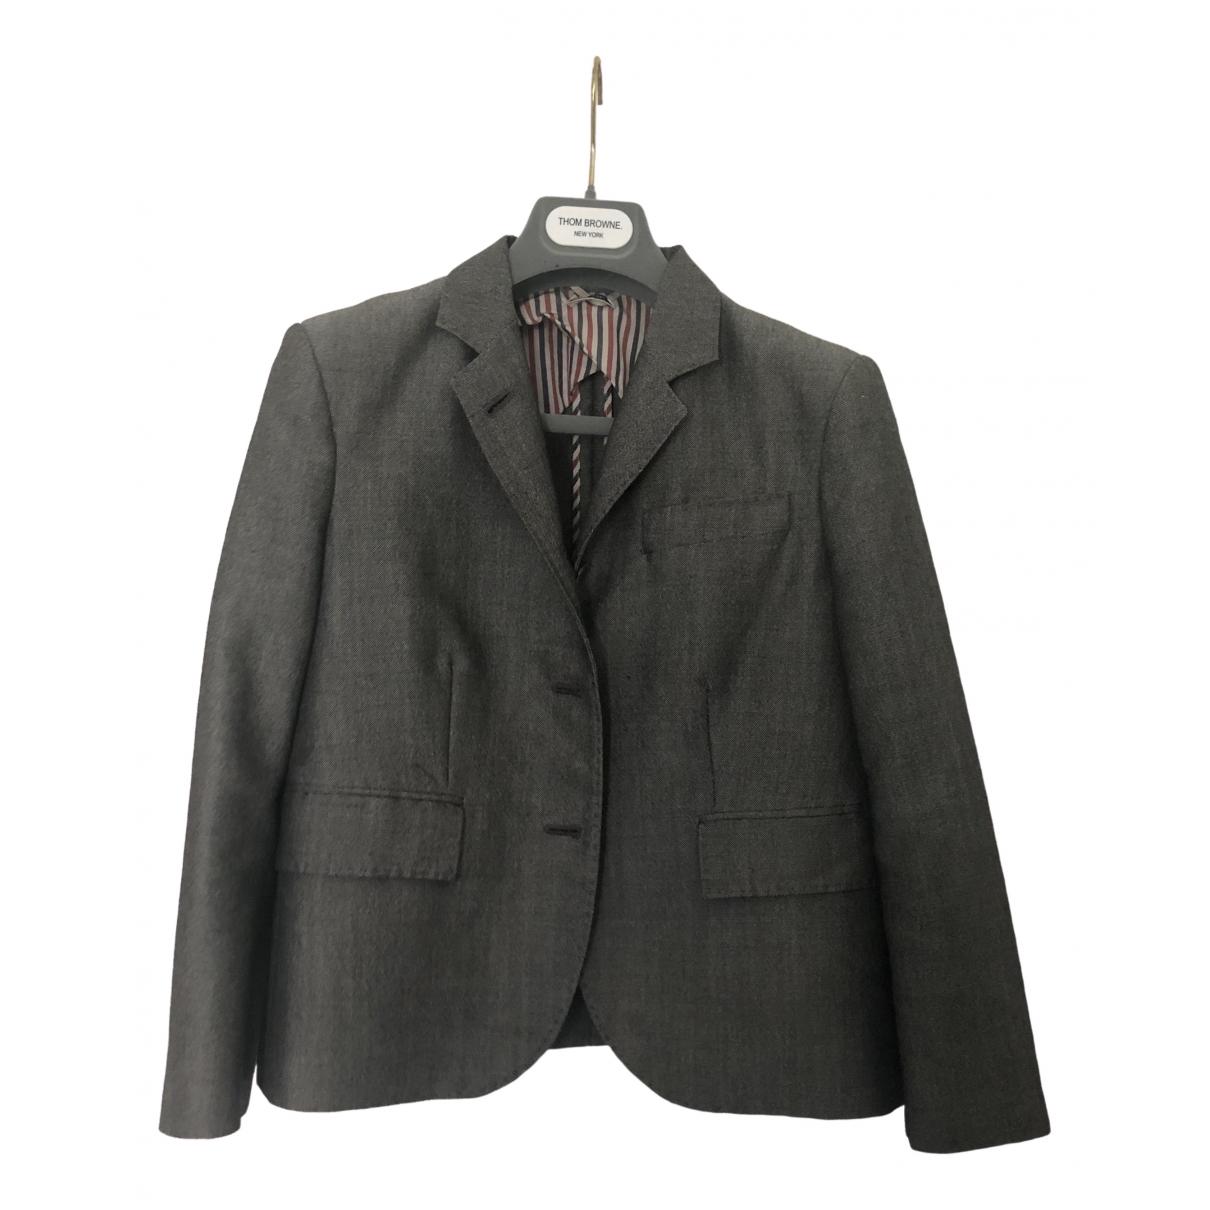 Thom Browne \N Jacke in  Grau Wolle